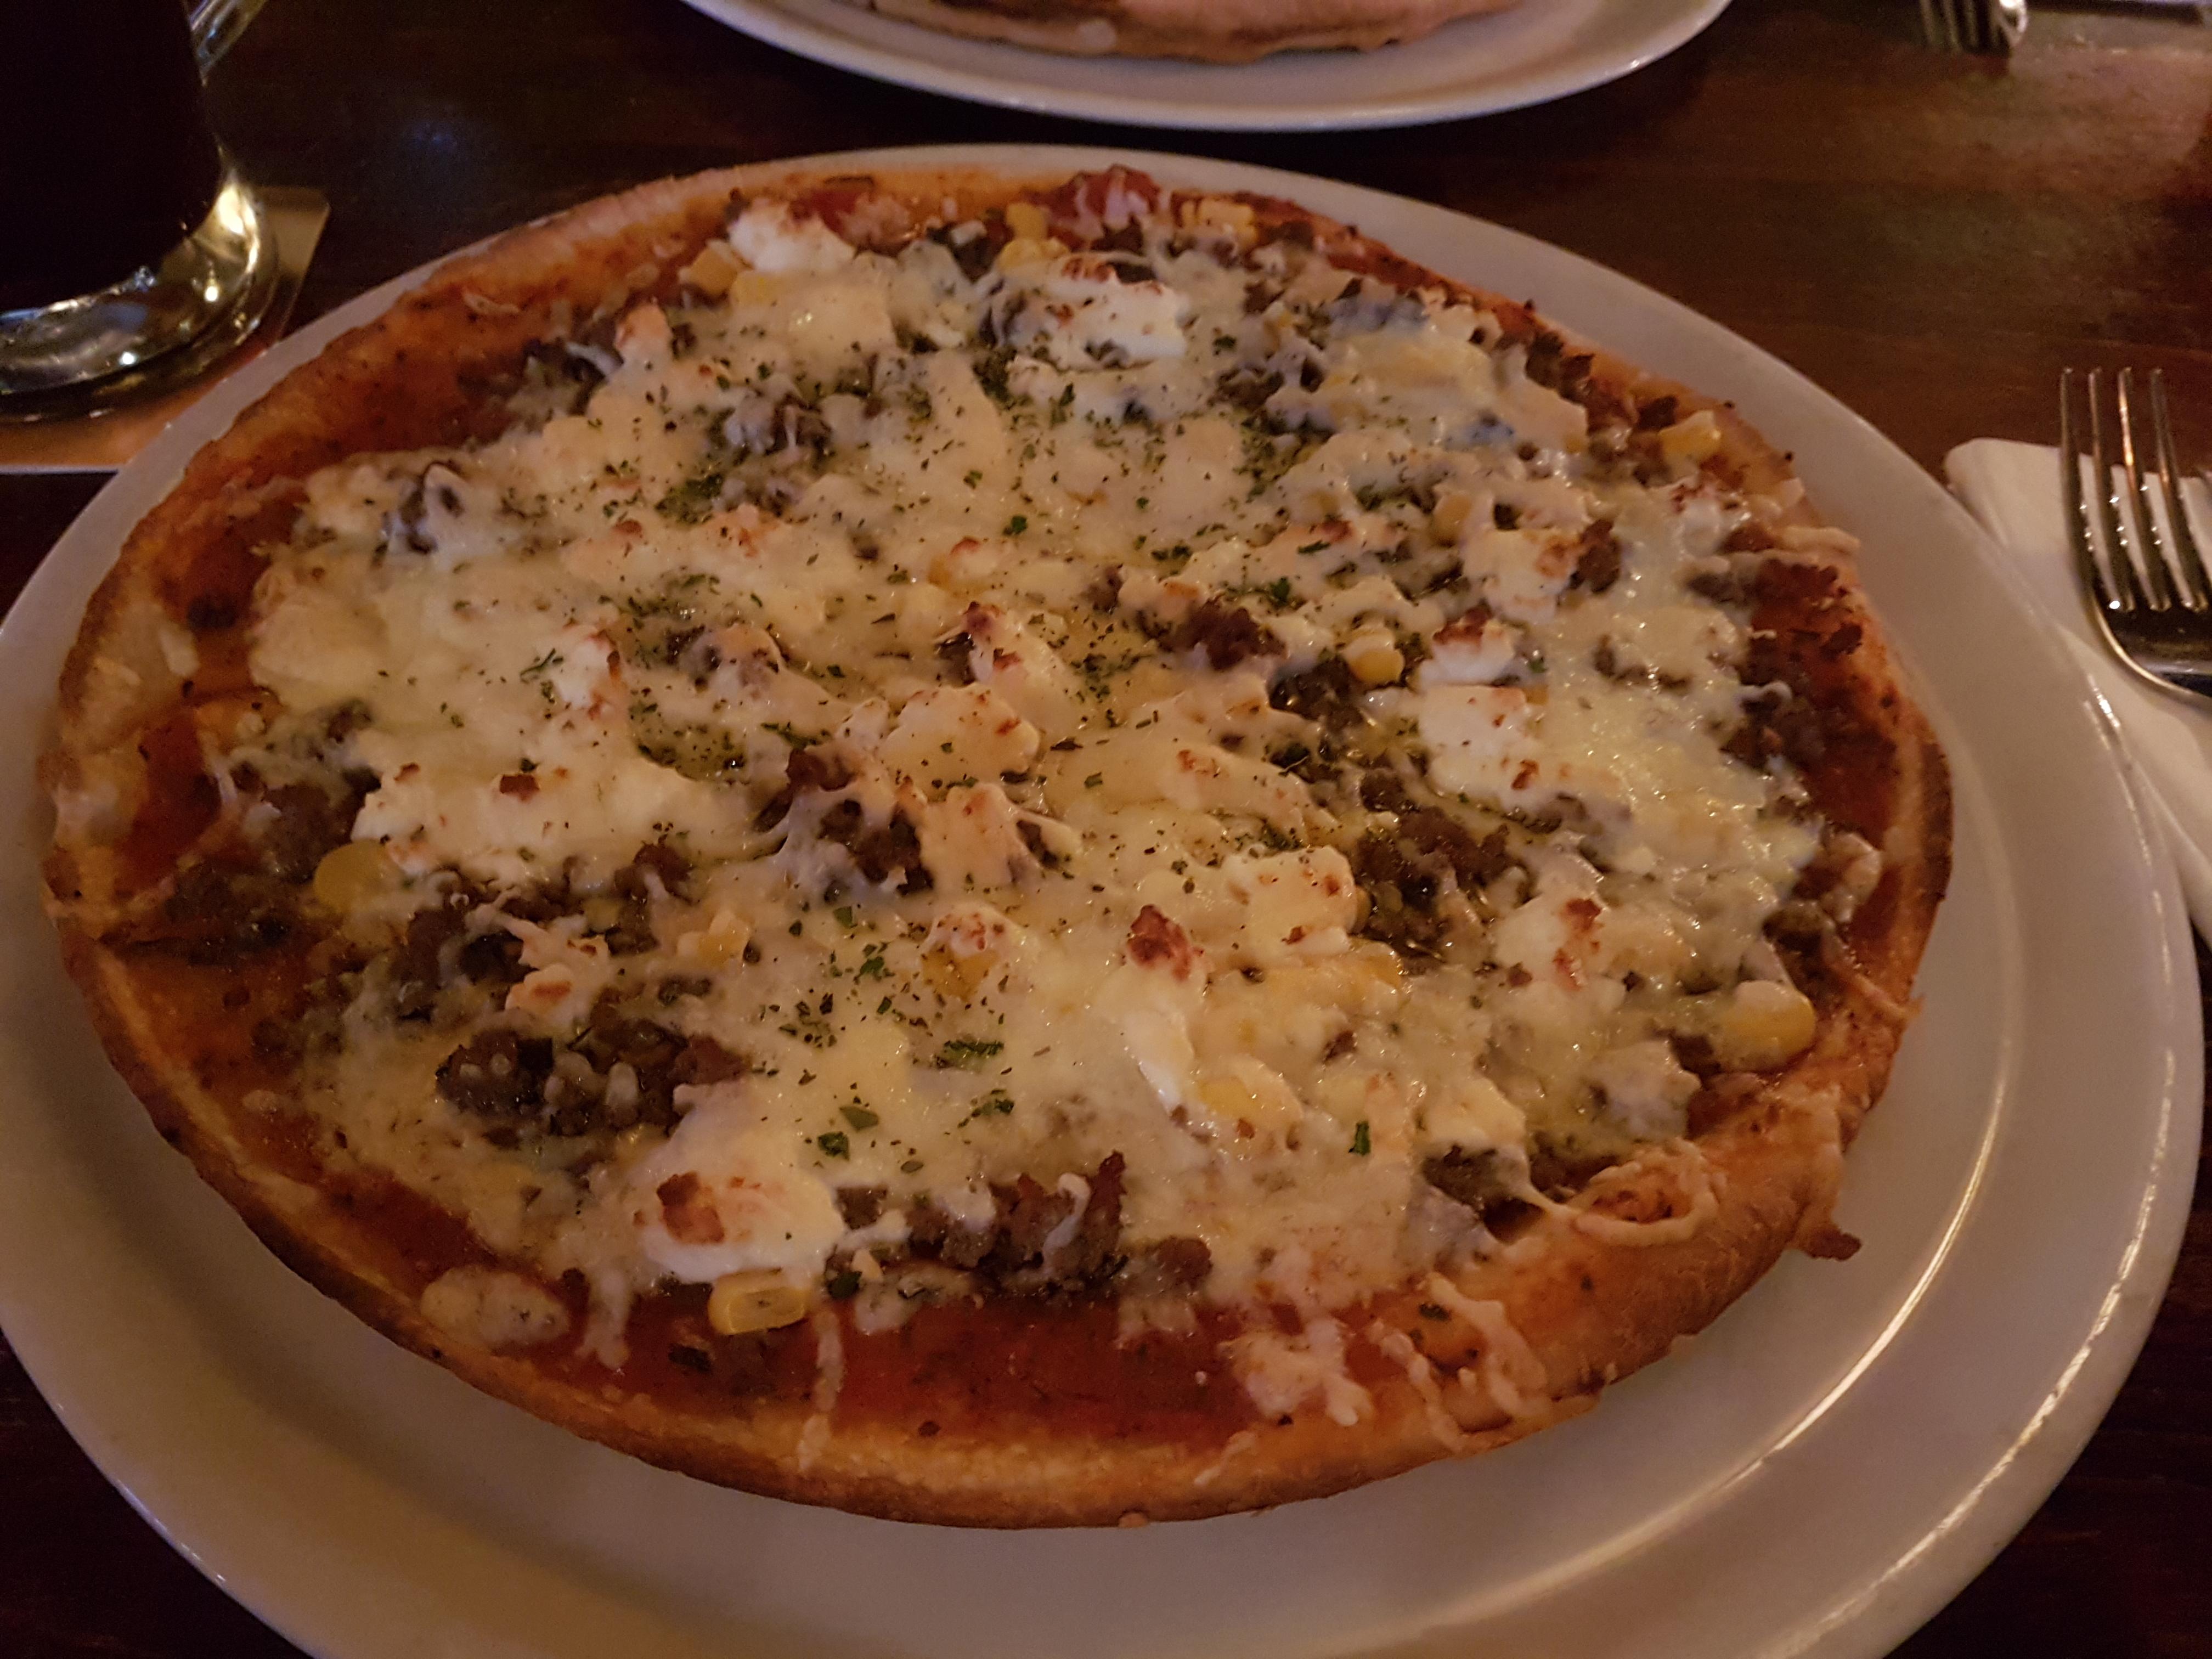 https://foodloader.net/Holz_2017-12-03_Pizza.jpg